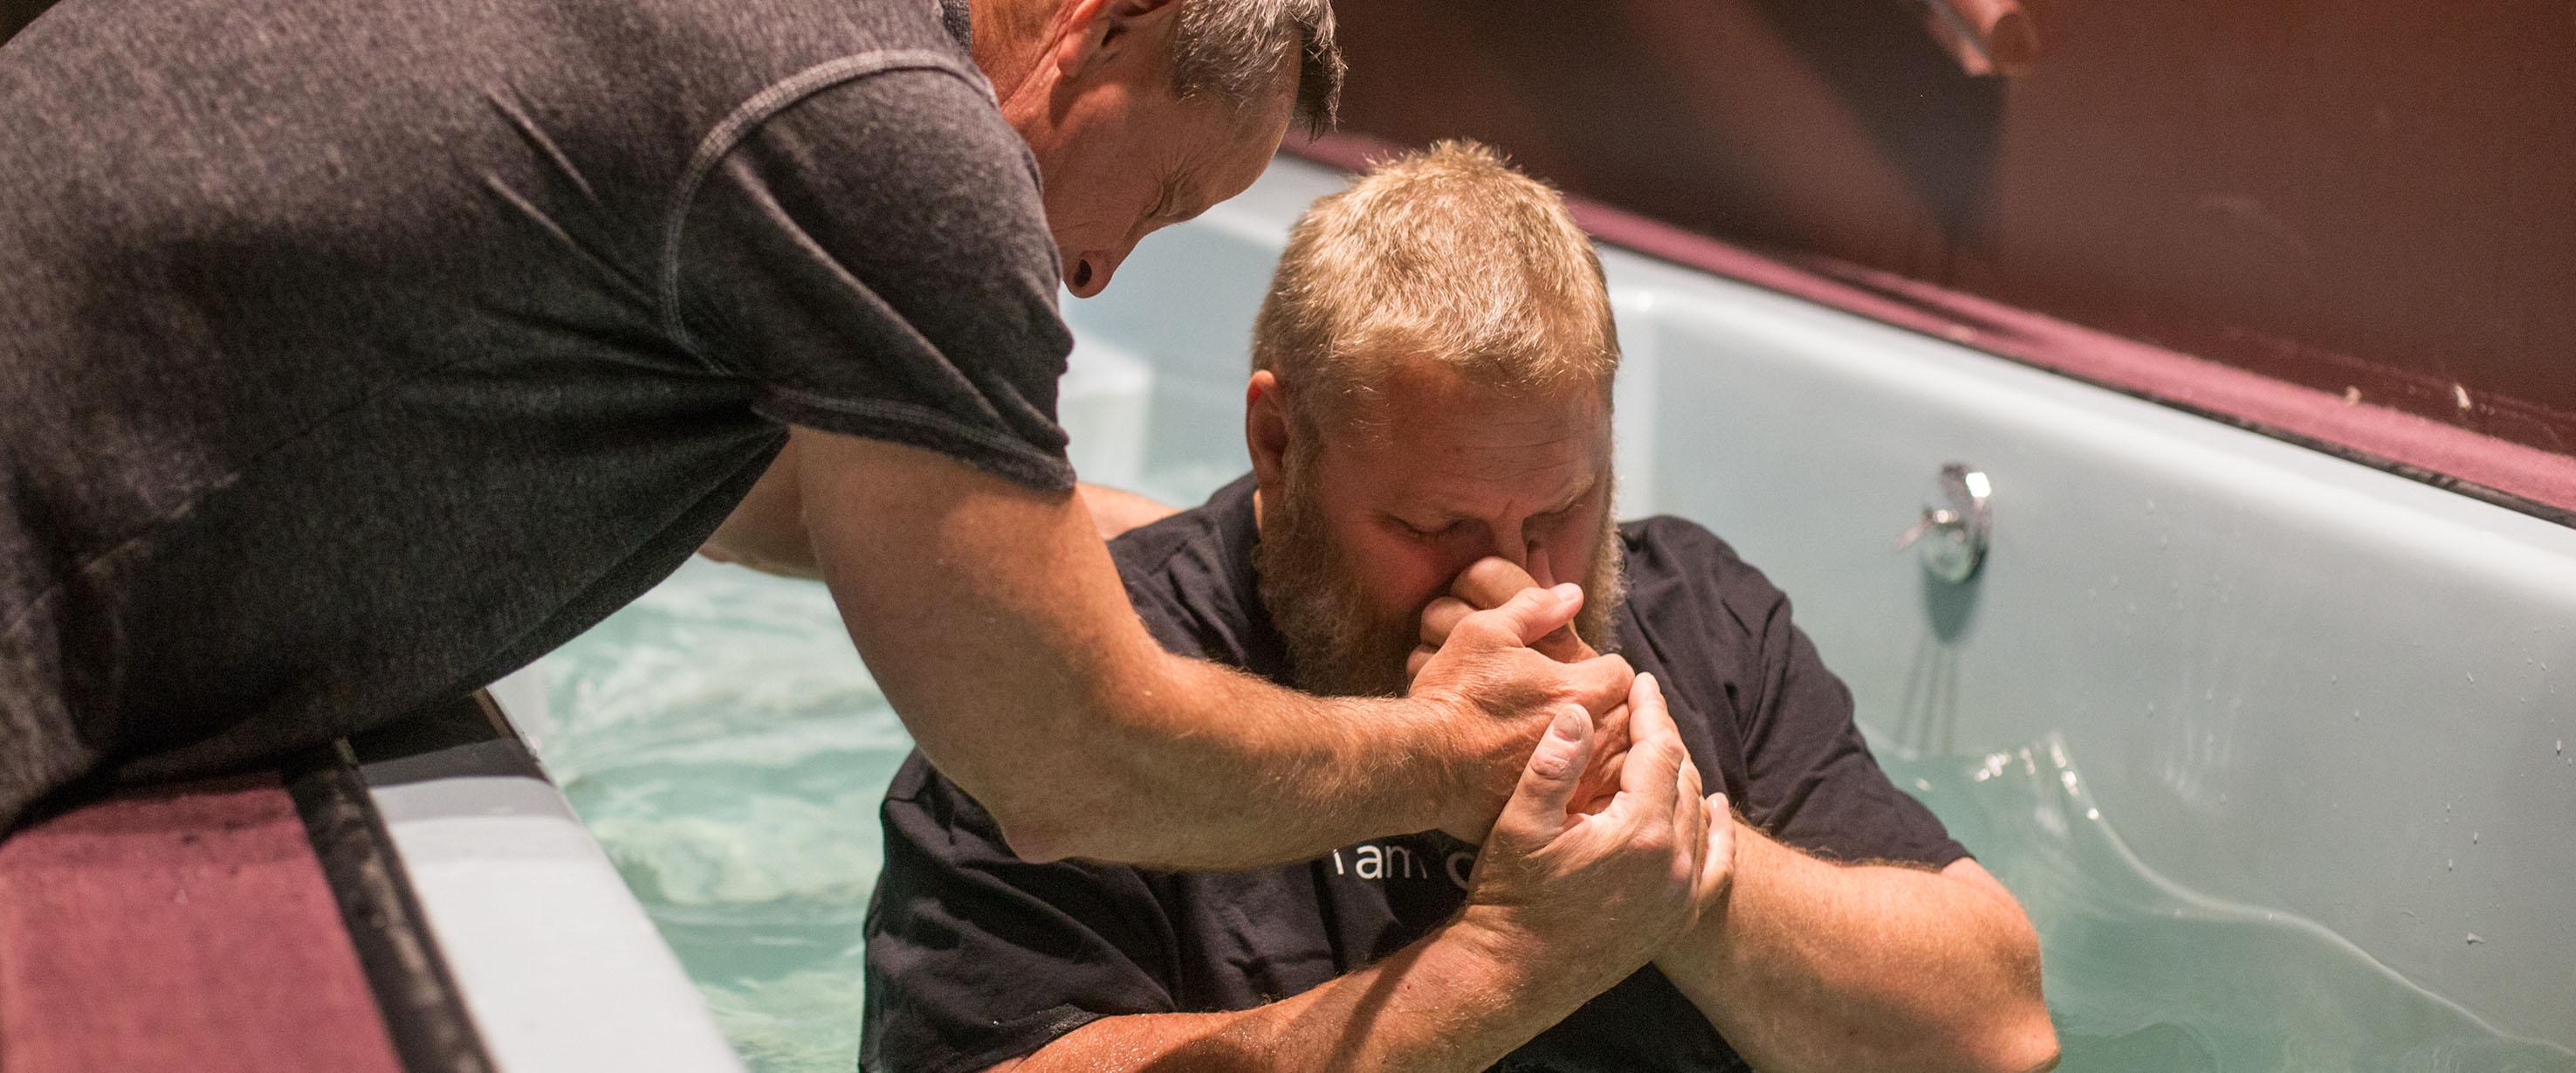 ocbaptism18